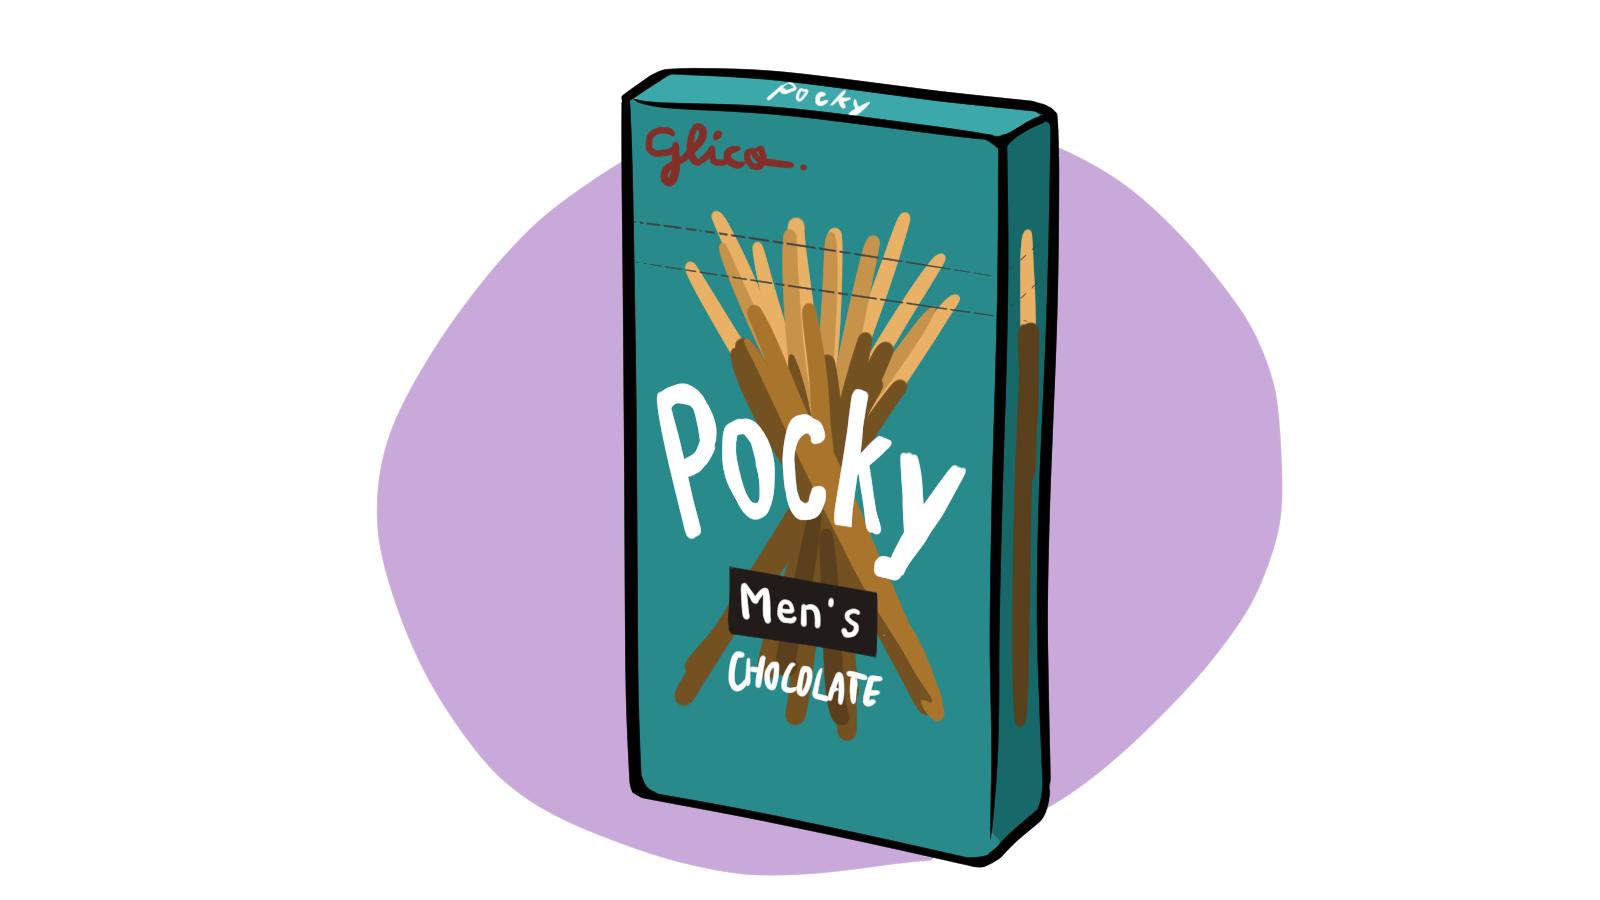 Pocky, for men